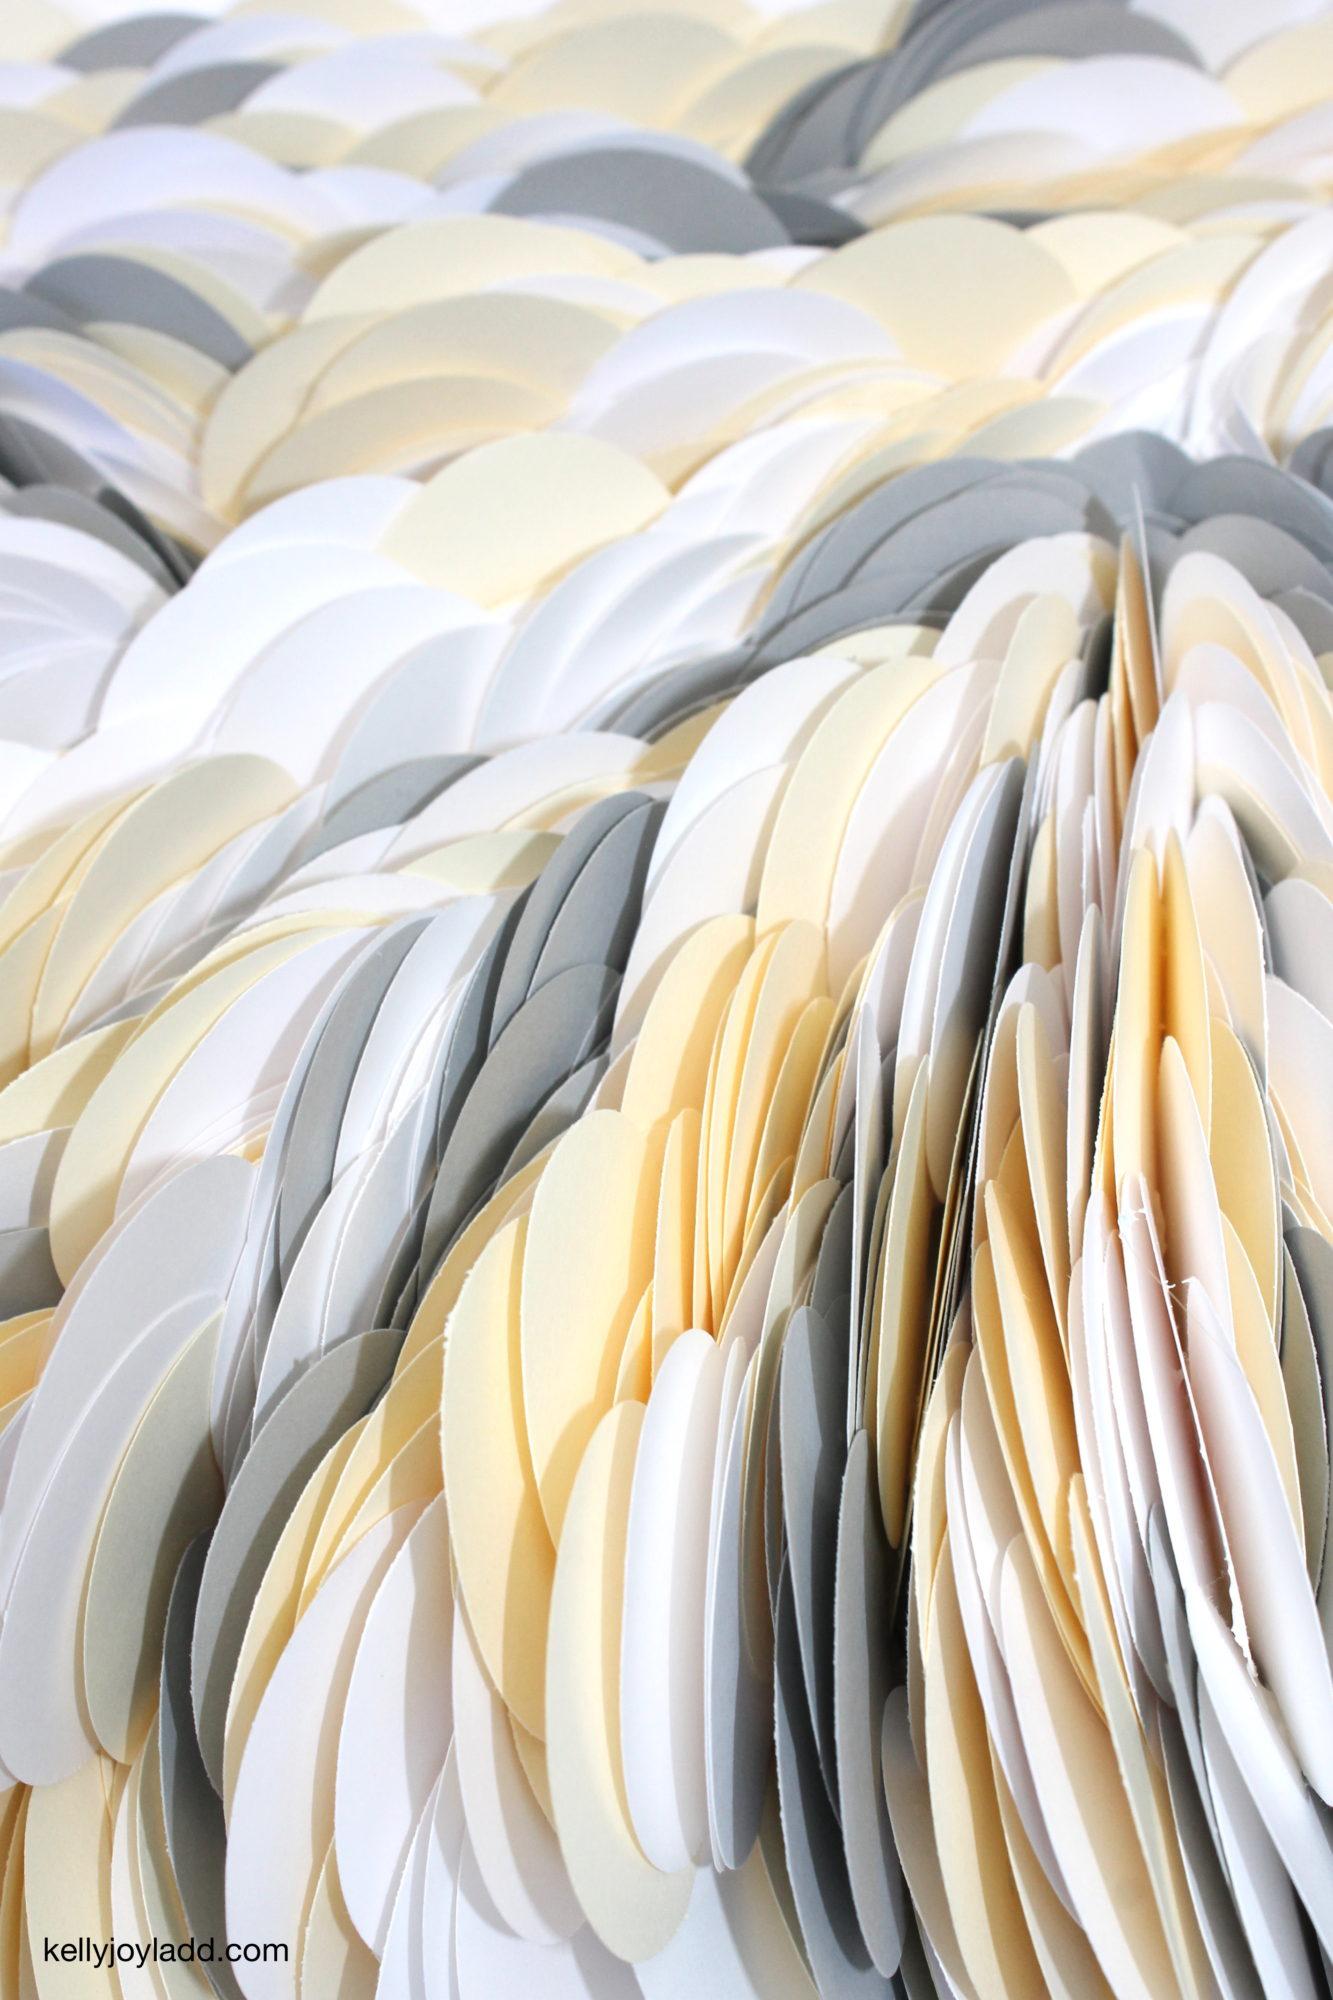 kellyjoyladd; paper art,